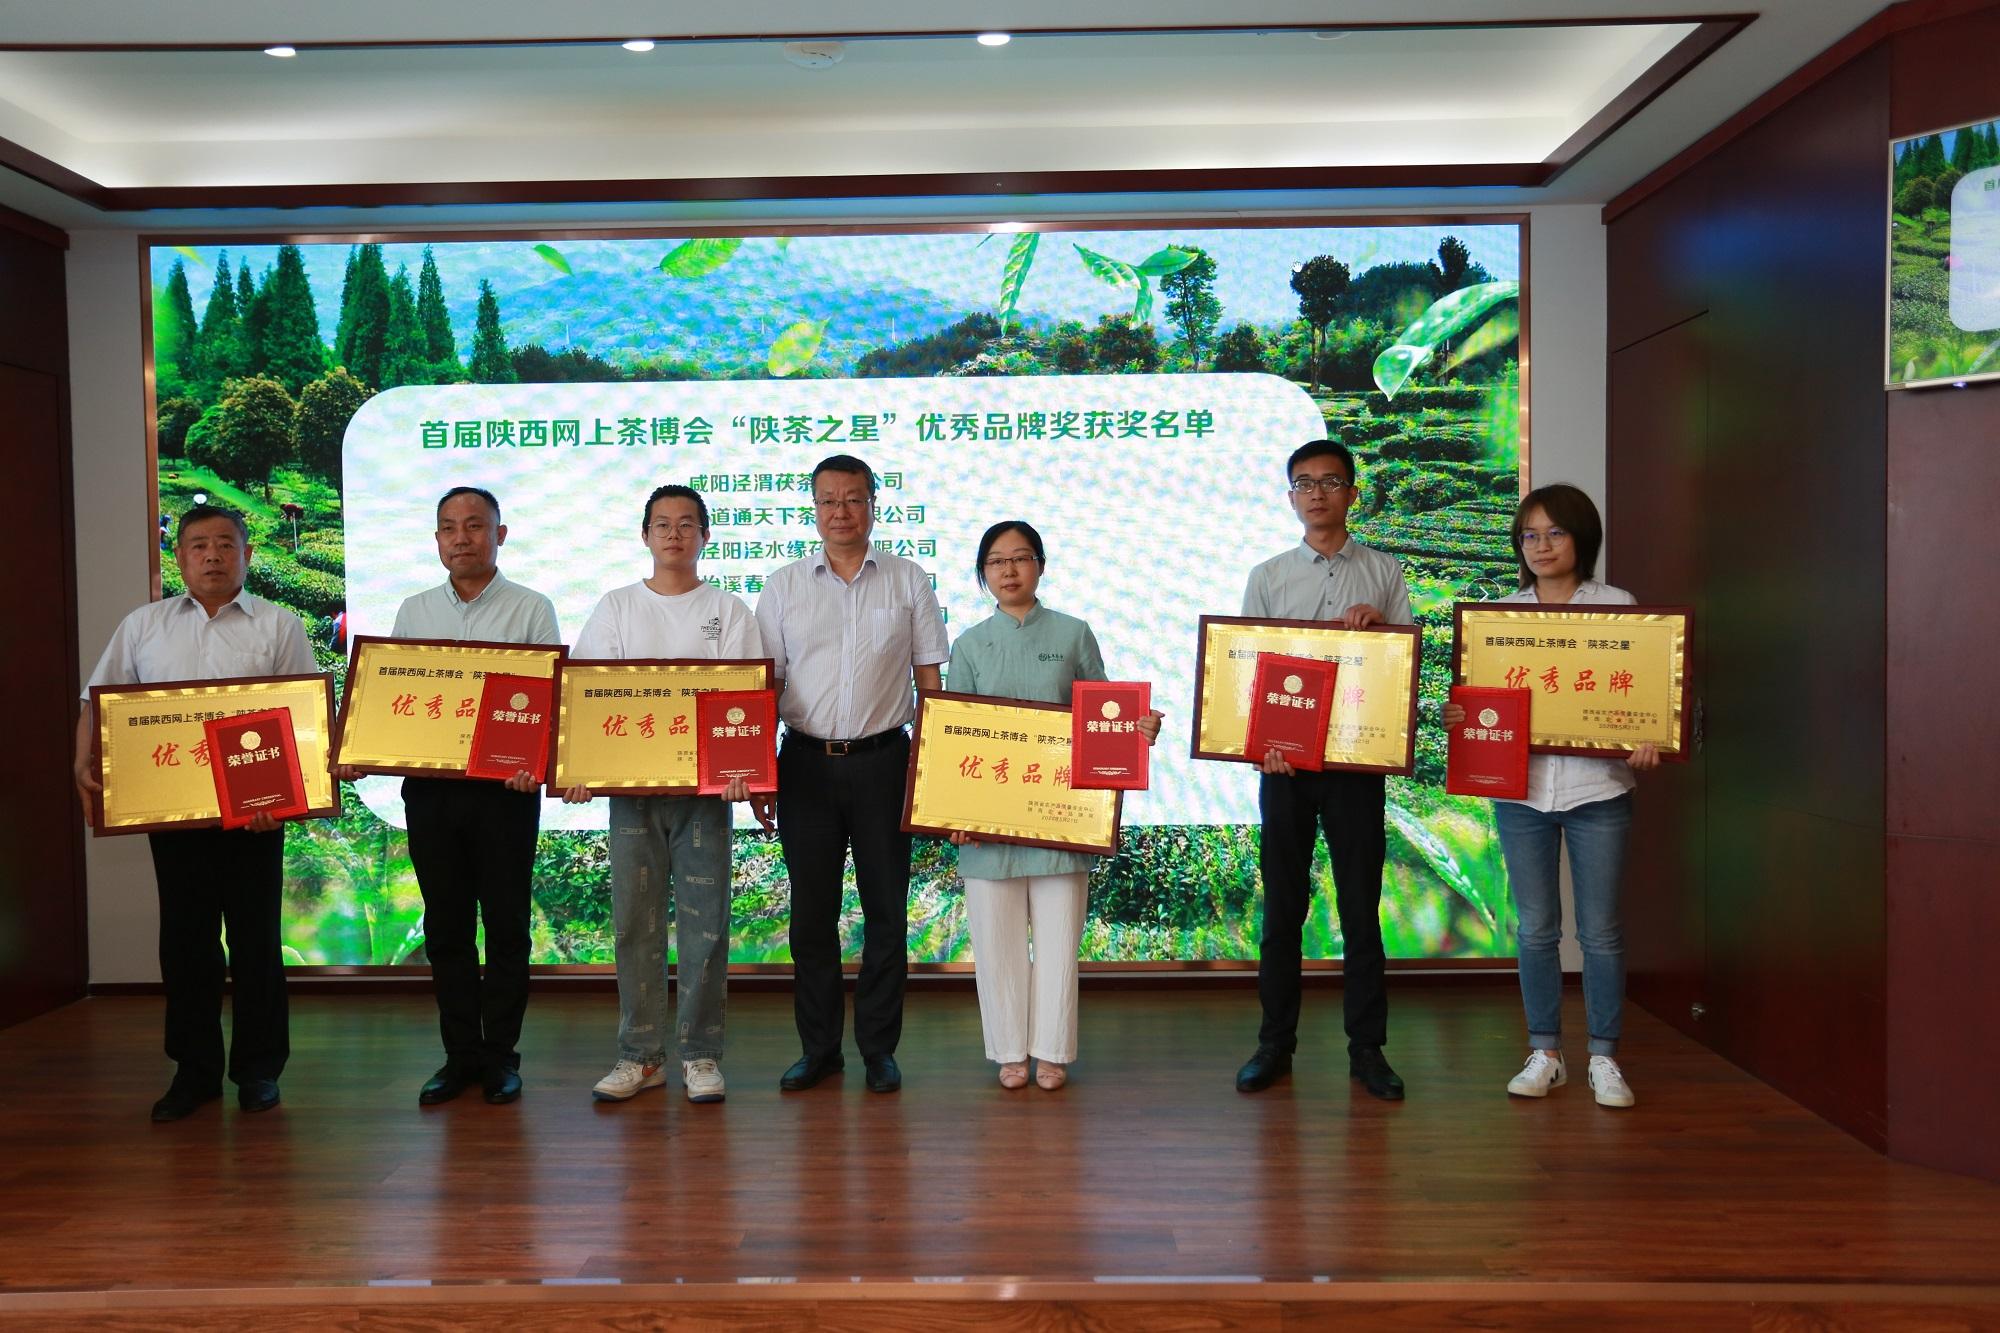 陕西省农业农村厅党组成员、副厅长王韬为获奖茶企颁奖